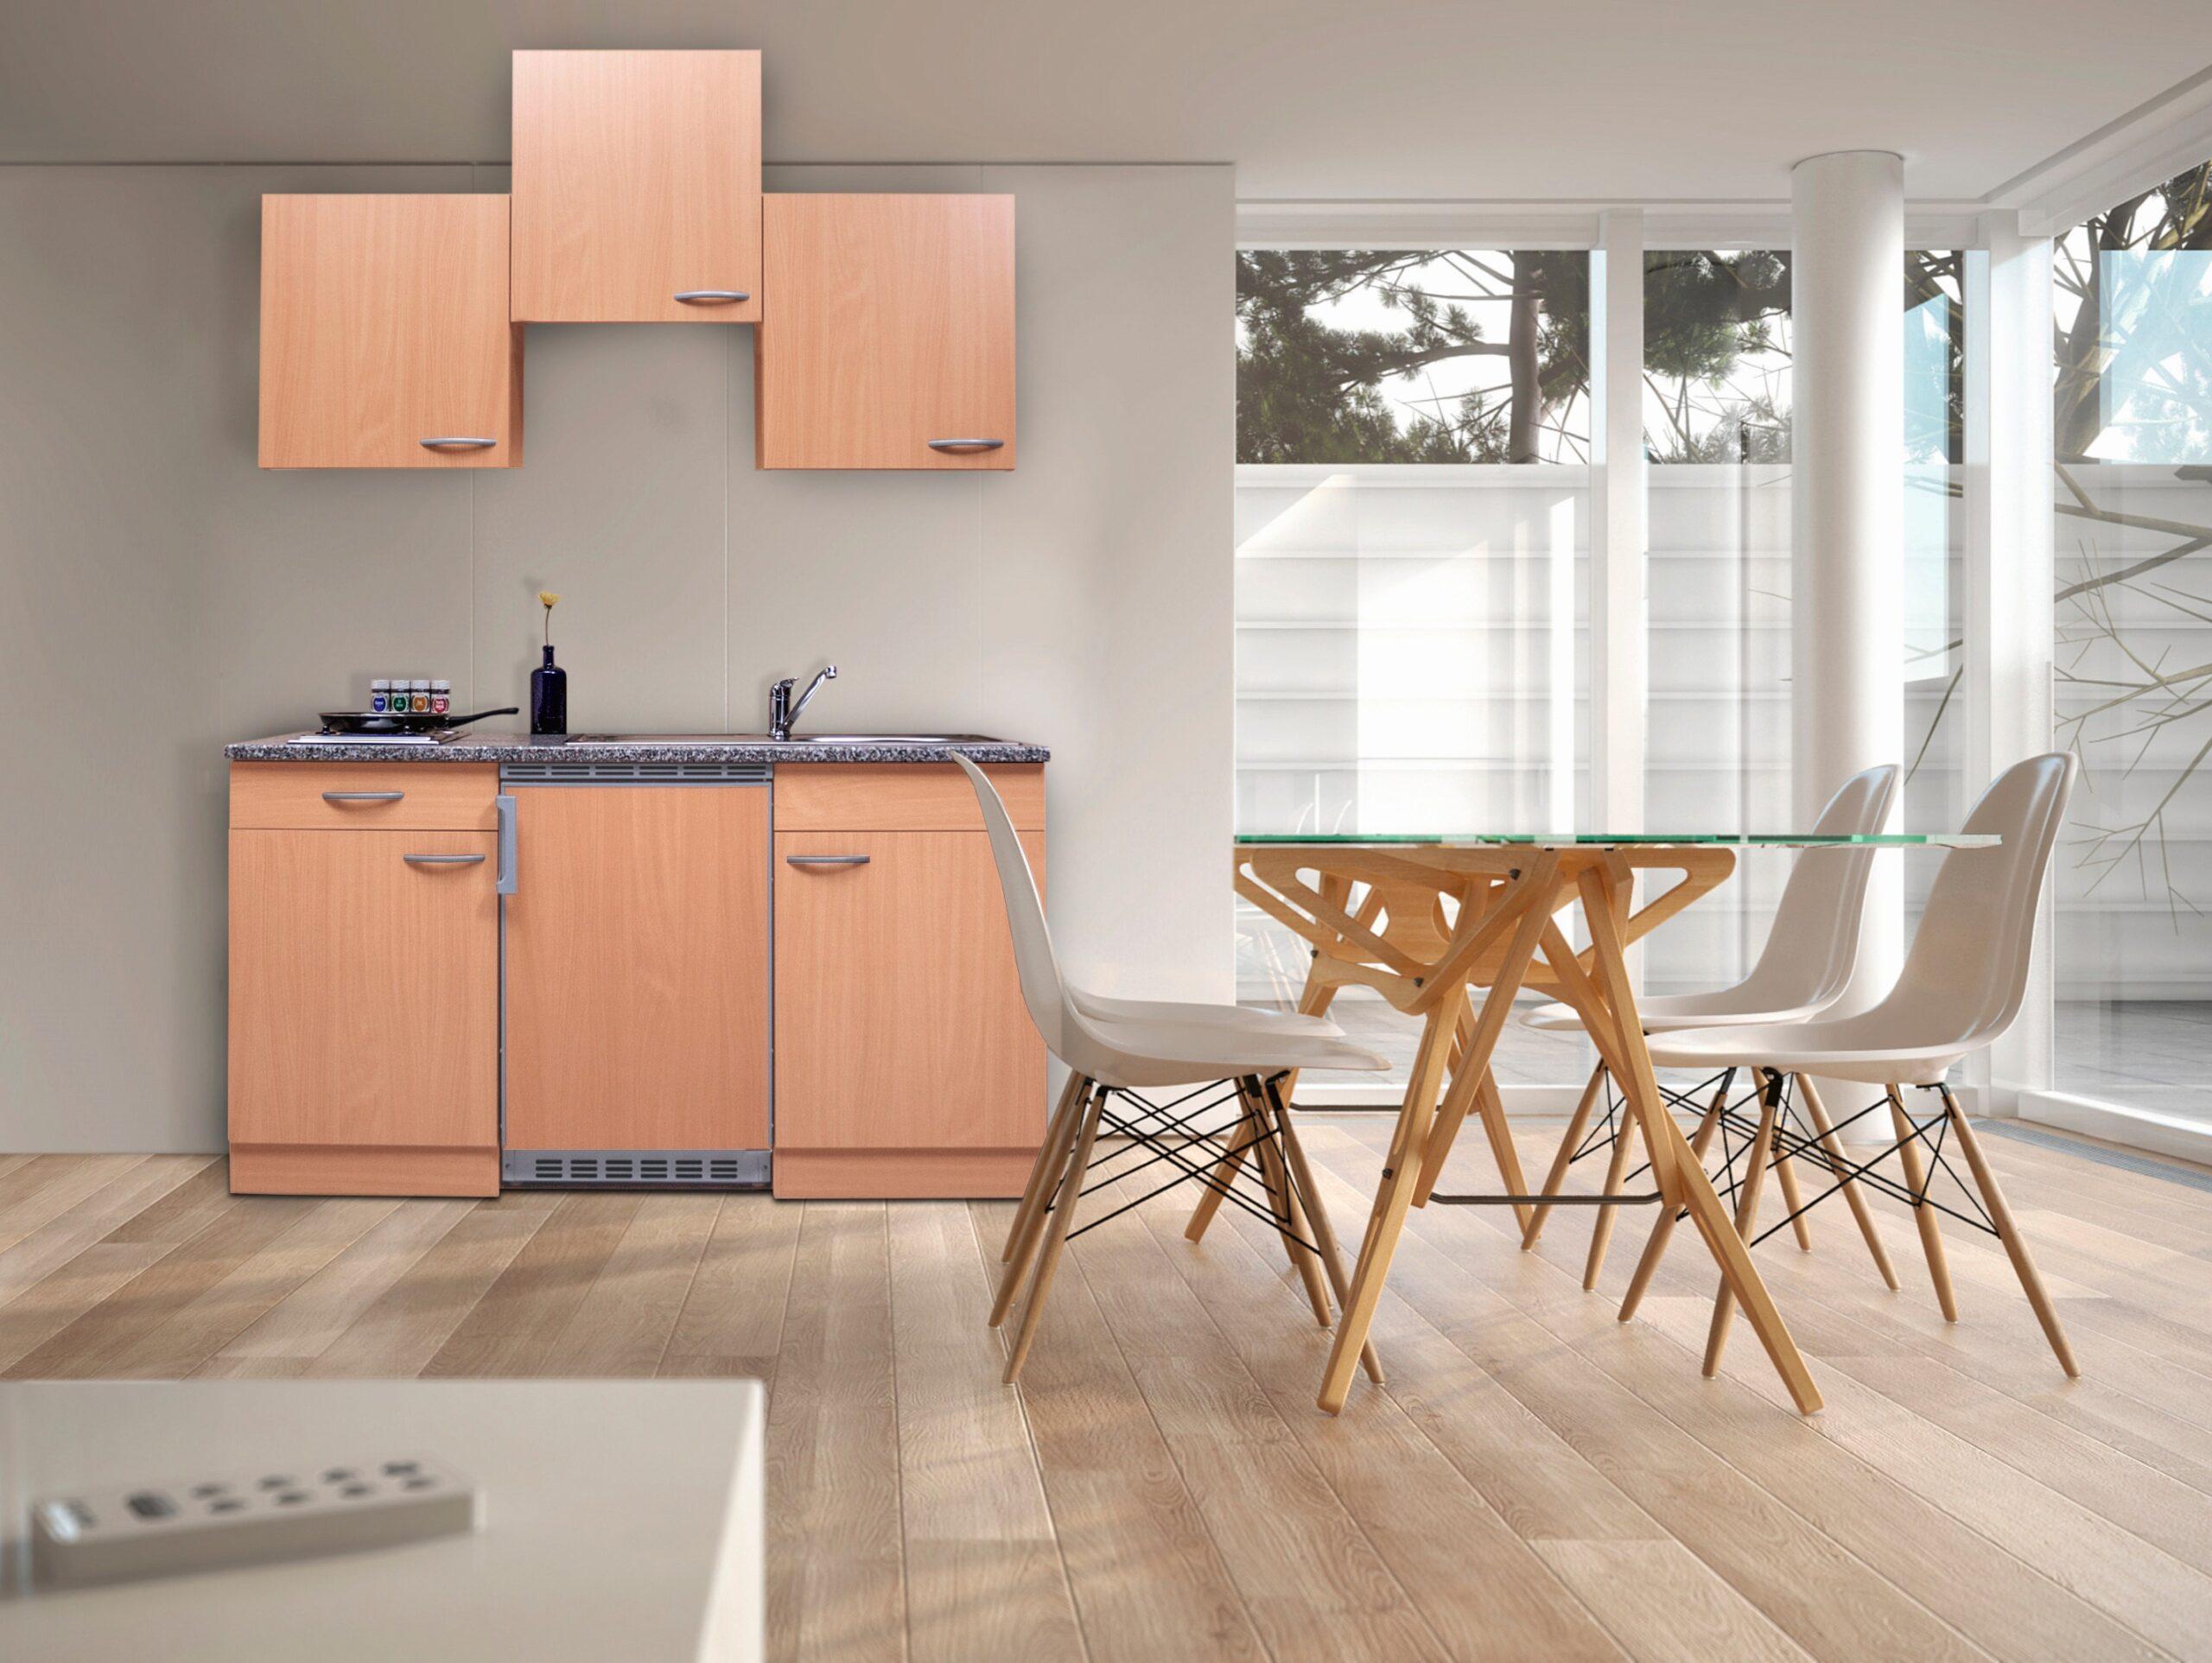 Full Size of Roller Miniküche Stengel Regale Mit Kühlschrank Ikea Wohnzimmer Roller Miniküche